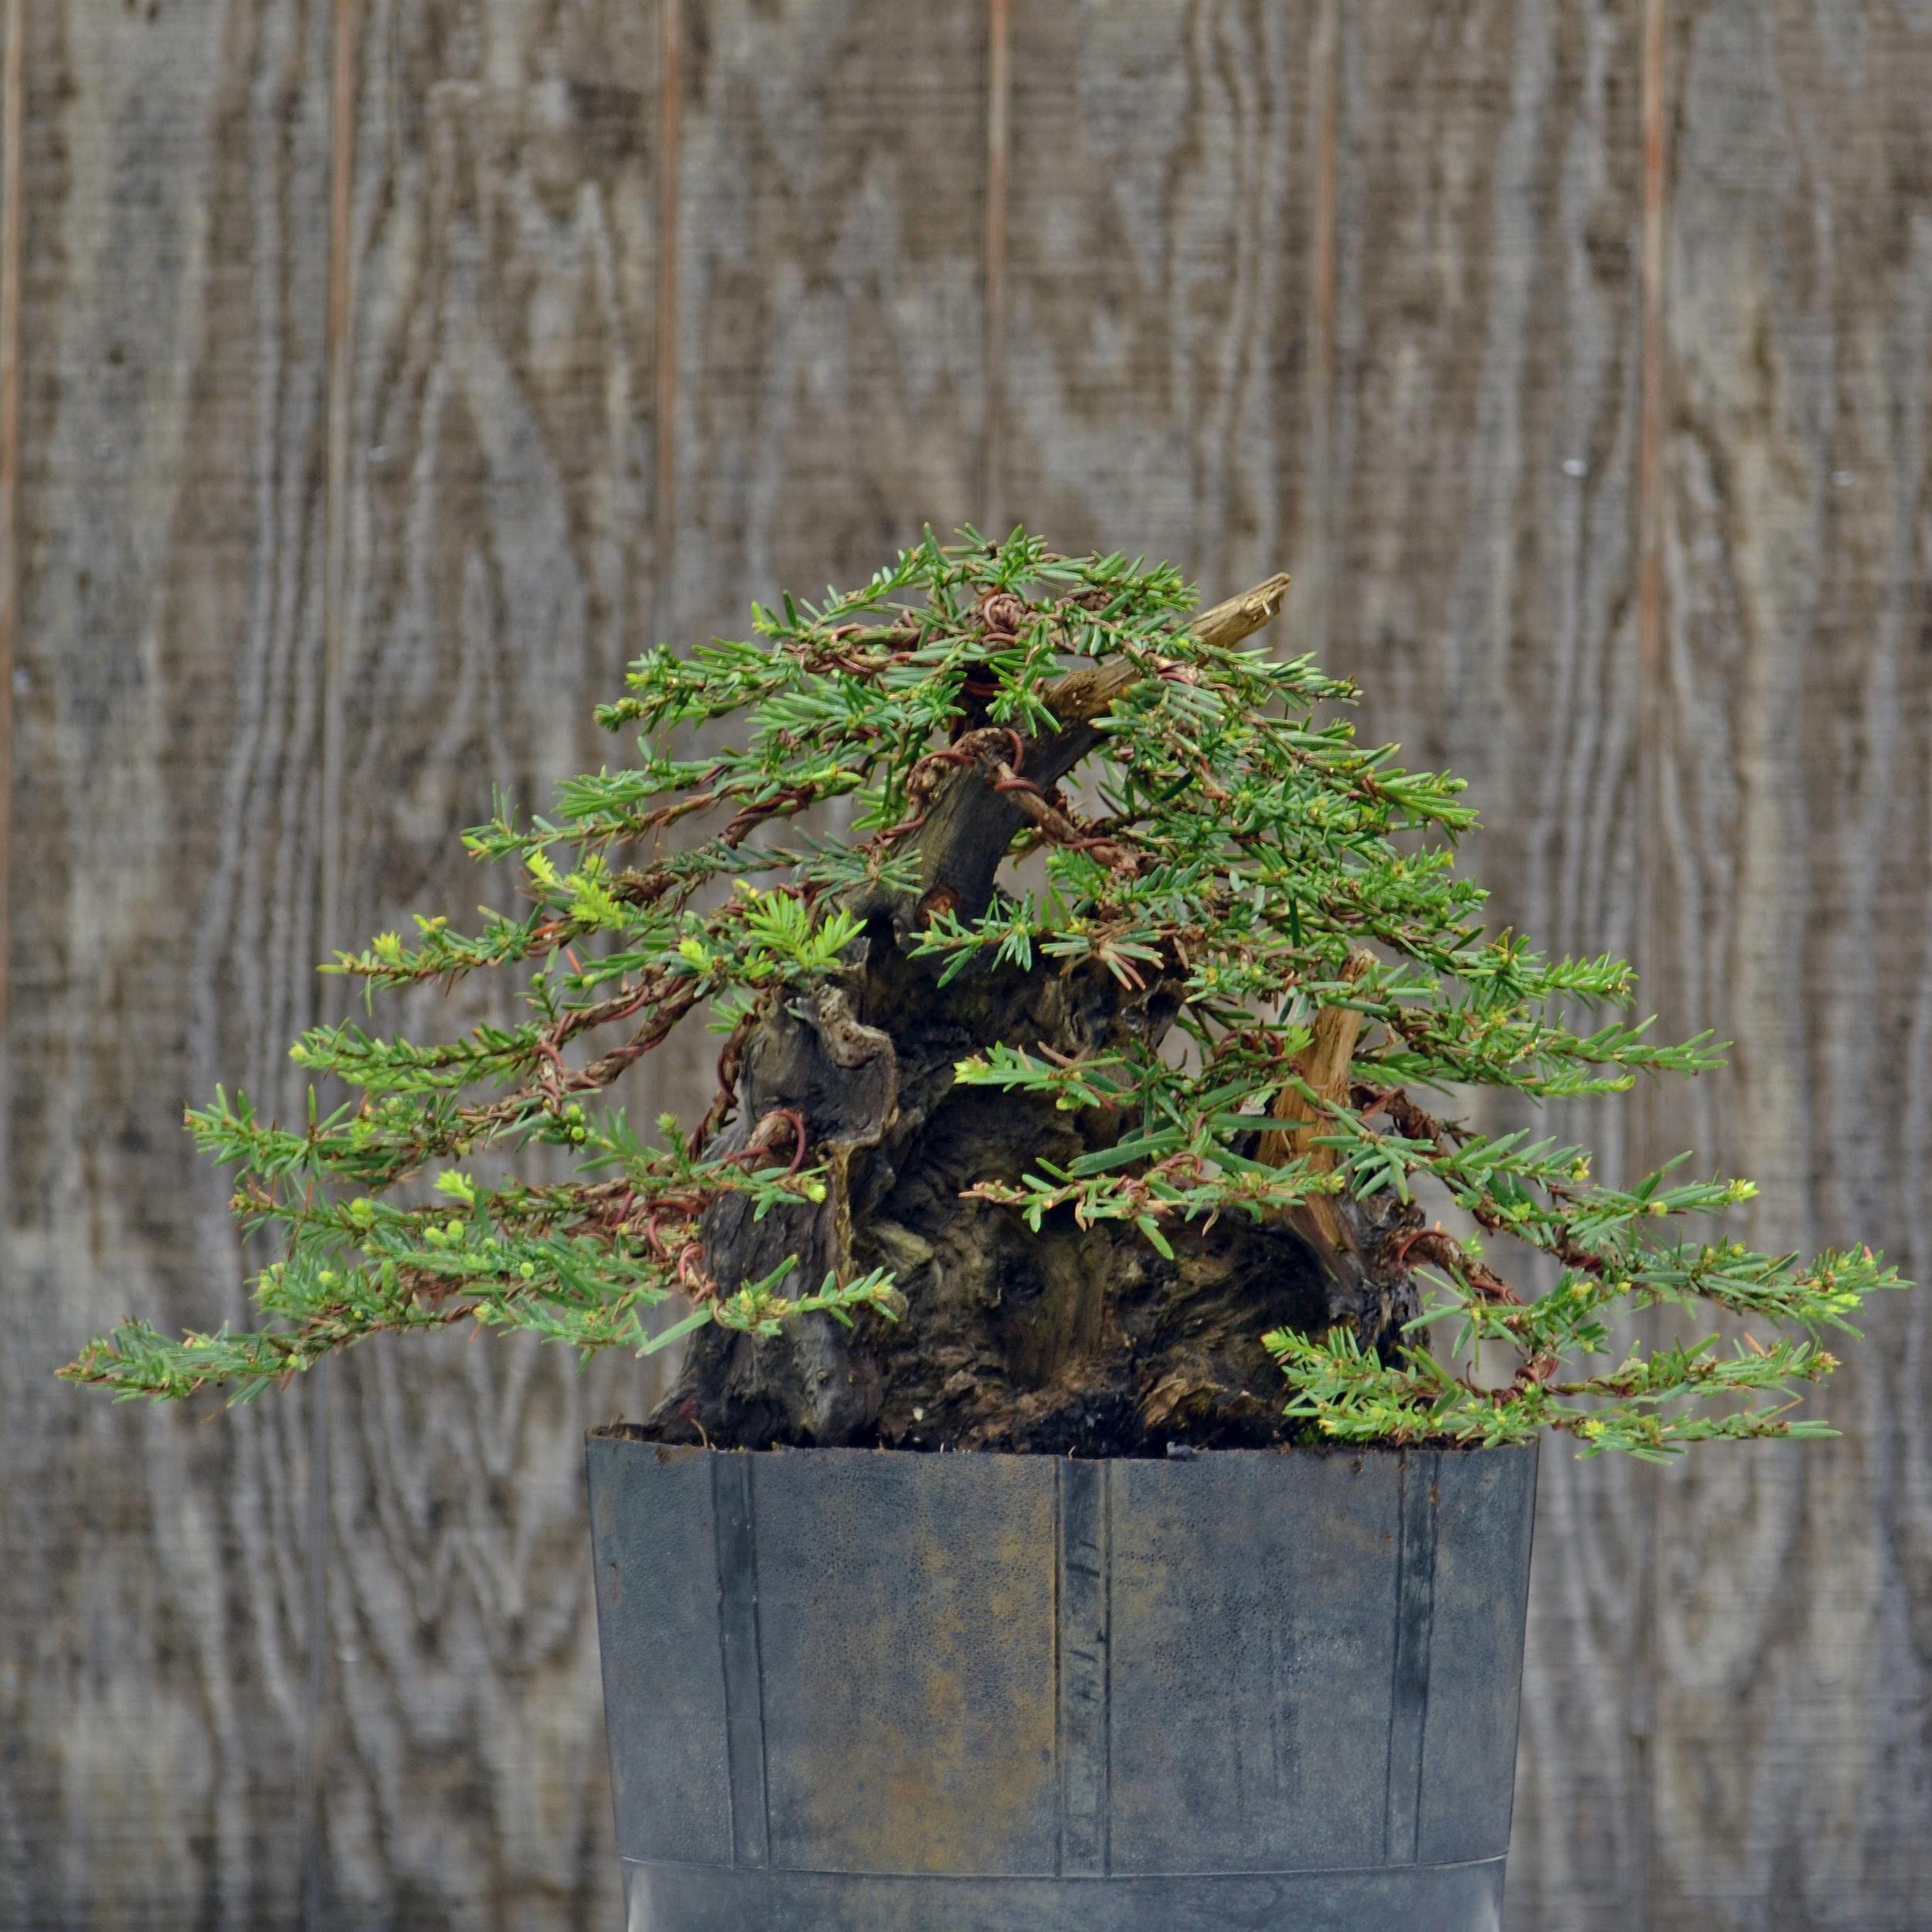 Coastal redwood after seasonal work by Michael Feduccia.